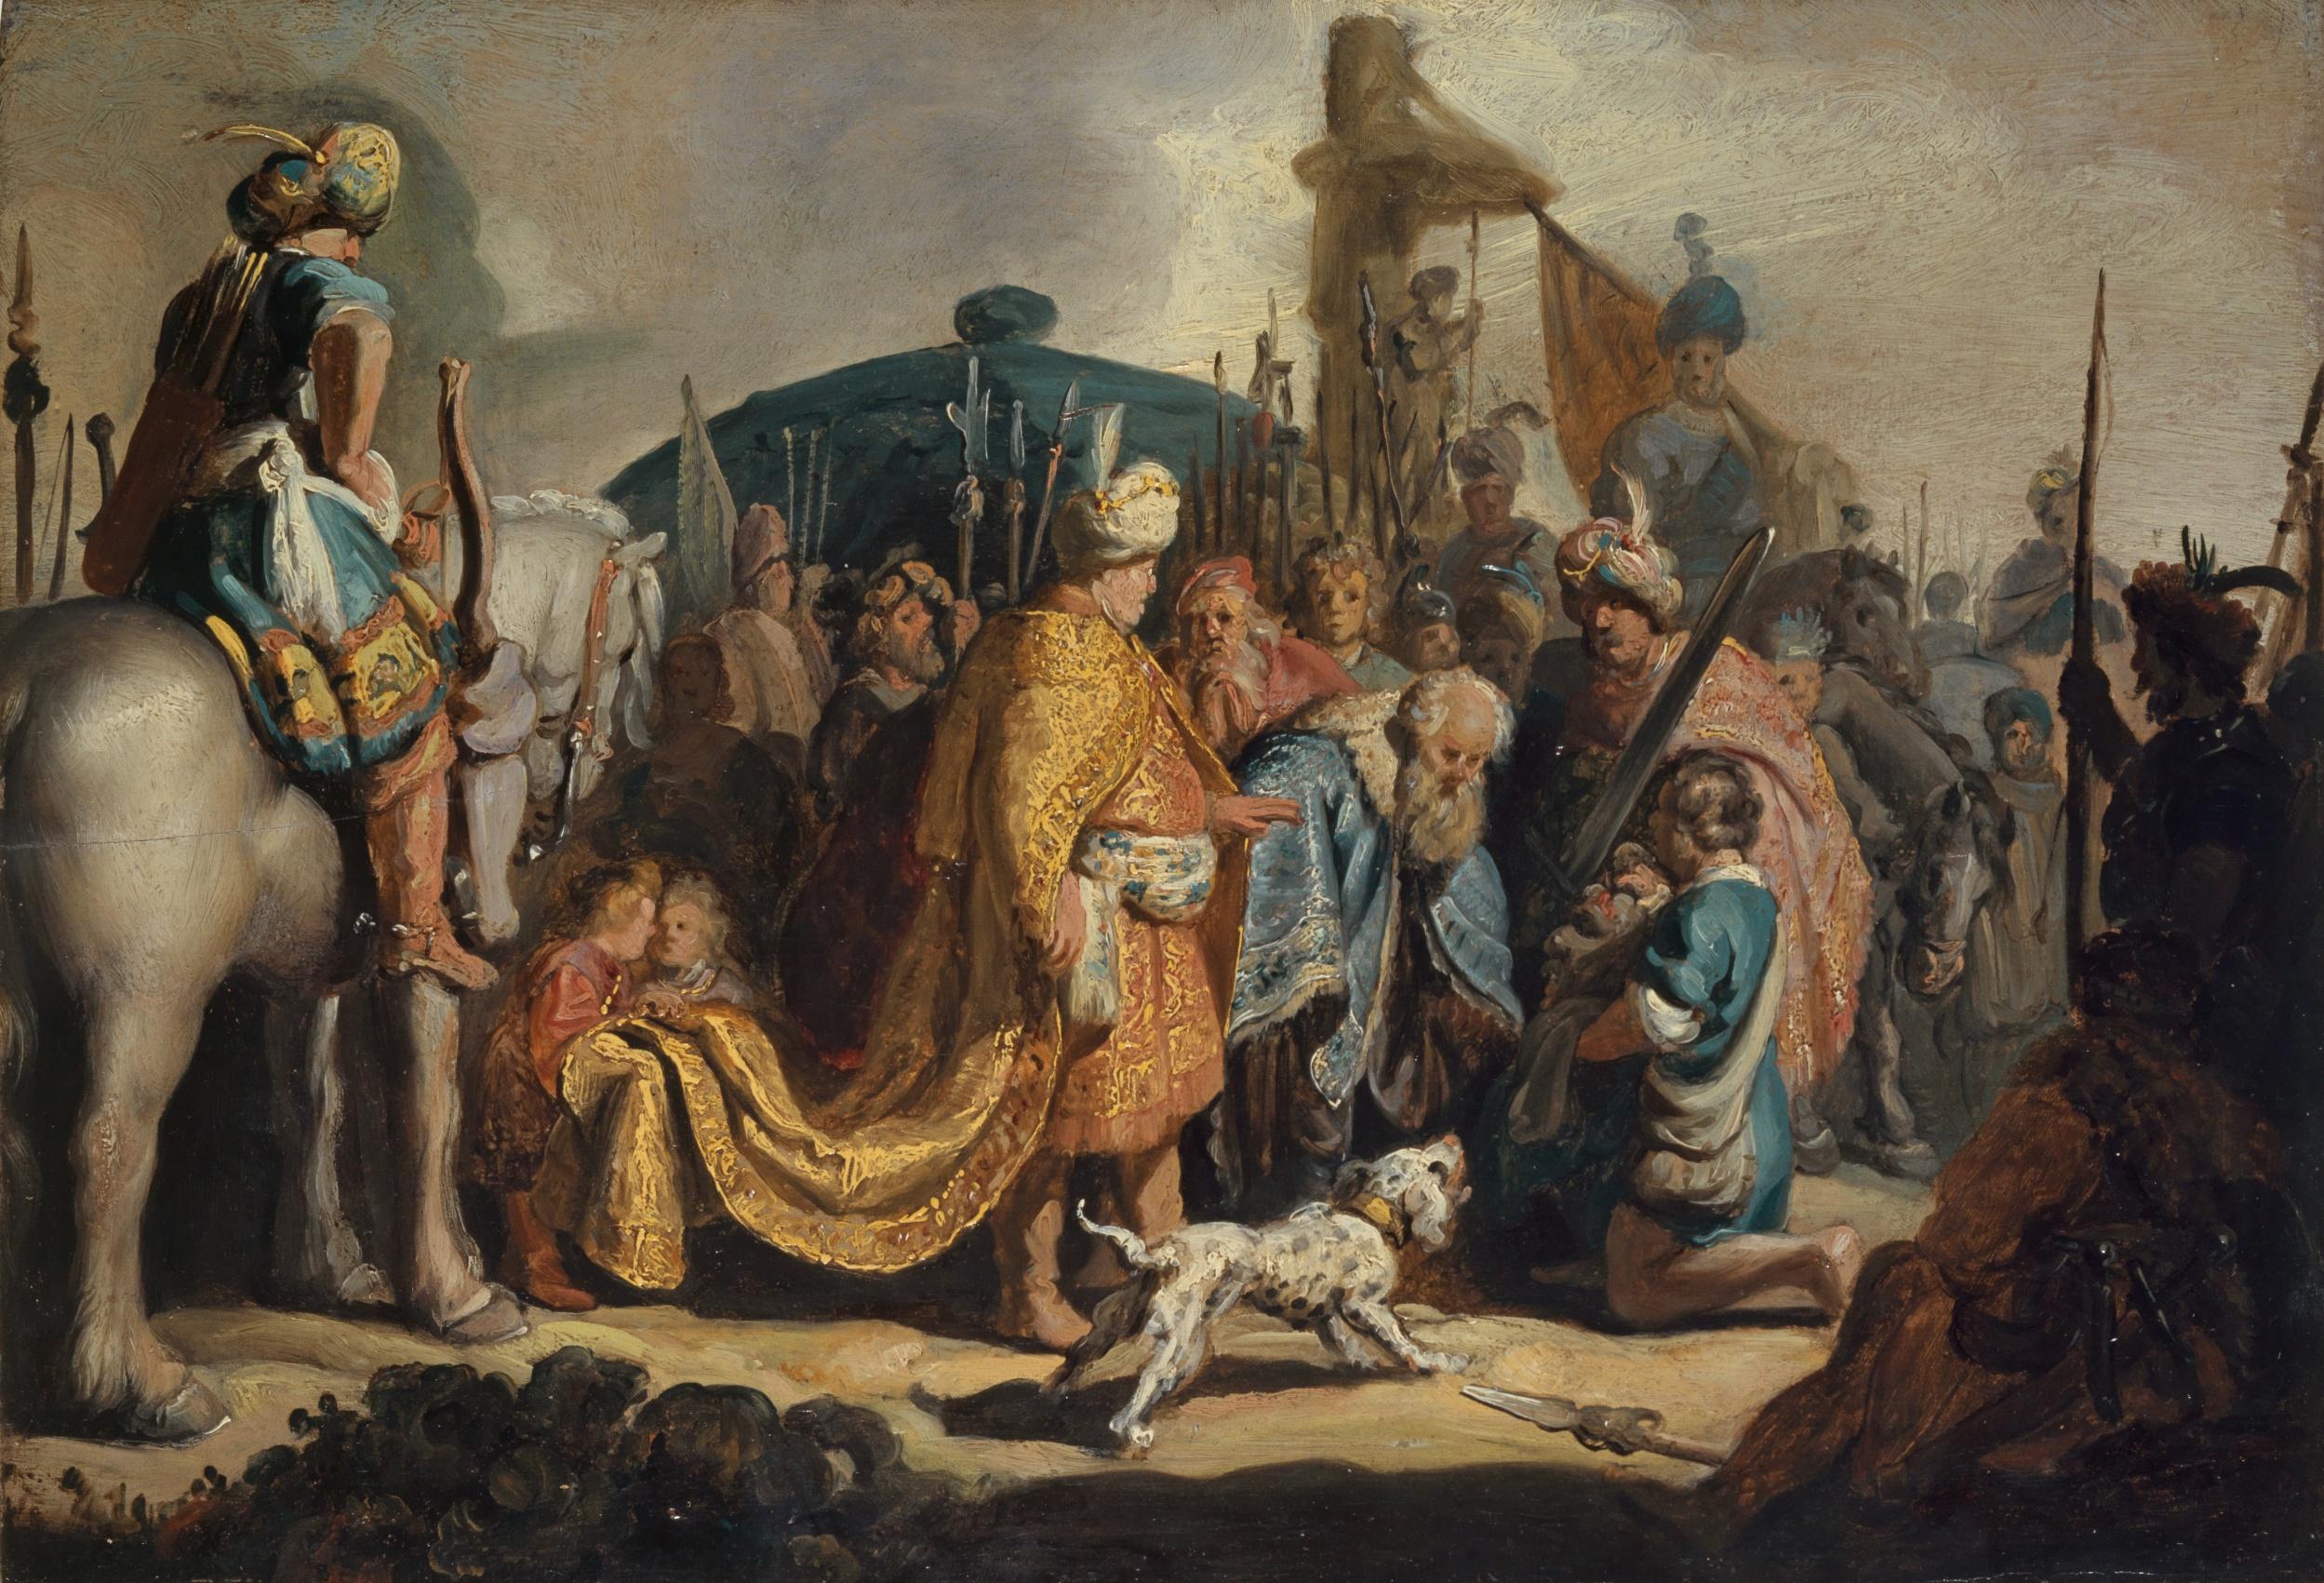 Rembrandt Harmensz. van Rijn, David übergibt Goliaths Haupt dem König Saul, 1627. Kunstmuseum Basel